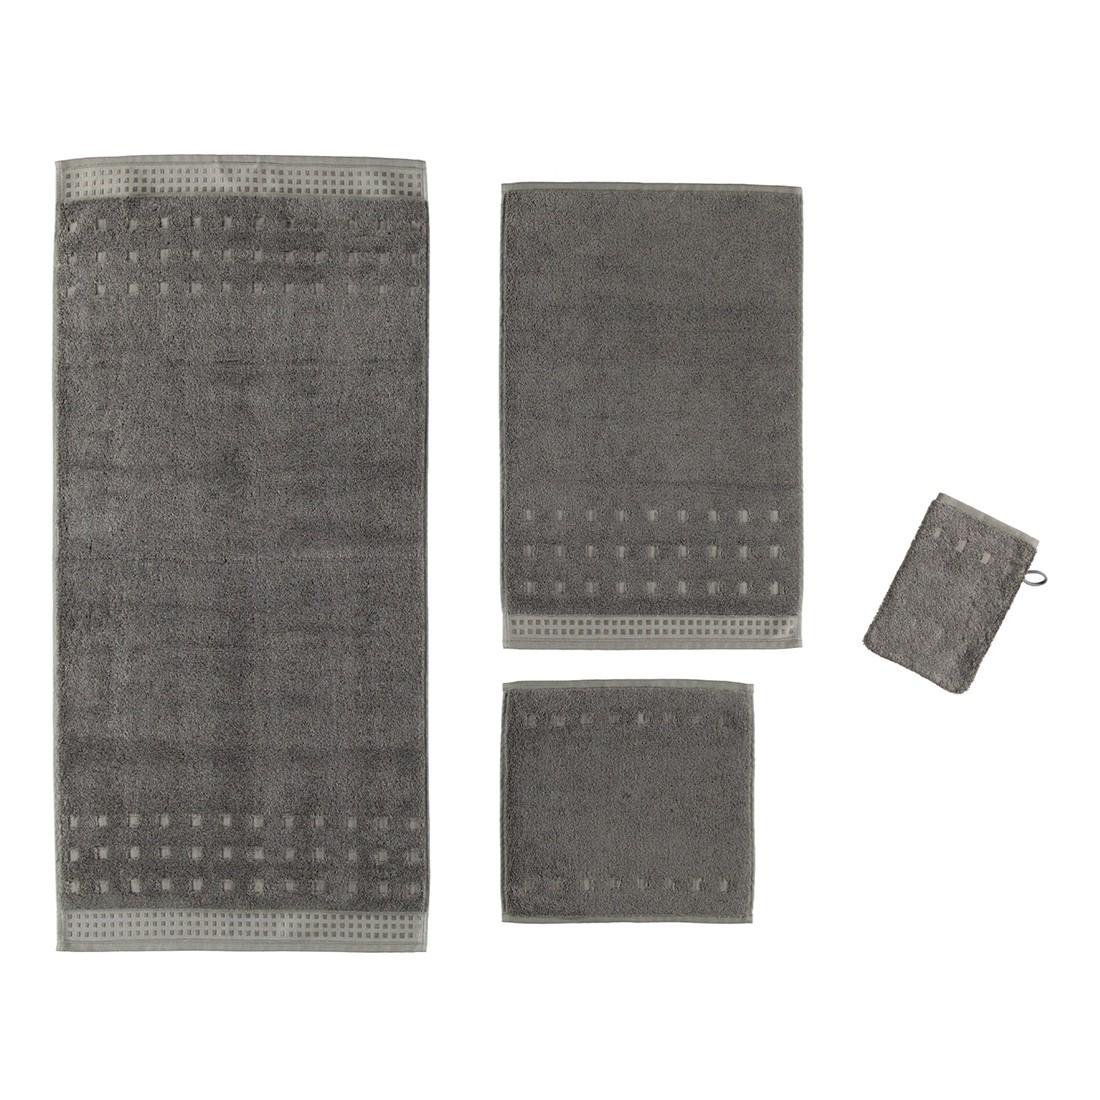 Handtuch Country Style – 100% Baumwolle slate grey – 742 – Seiflappen: 30 x 30 cm, Vossen jetzt kaufen